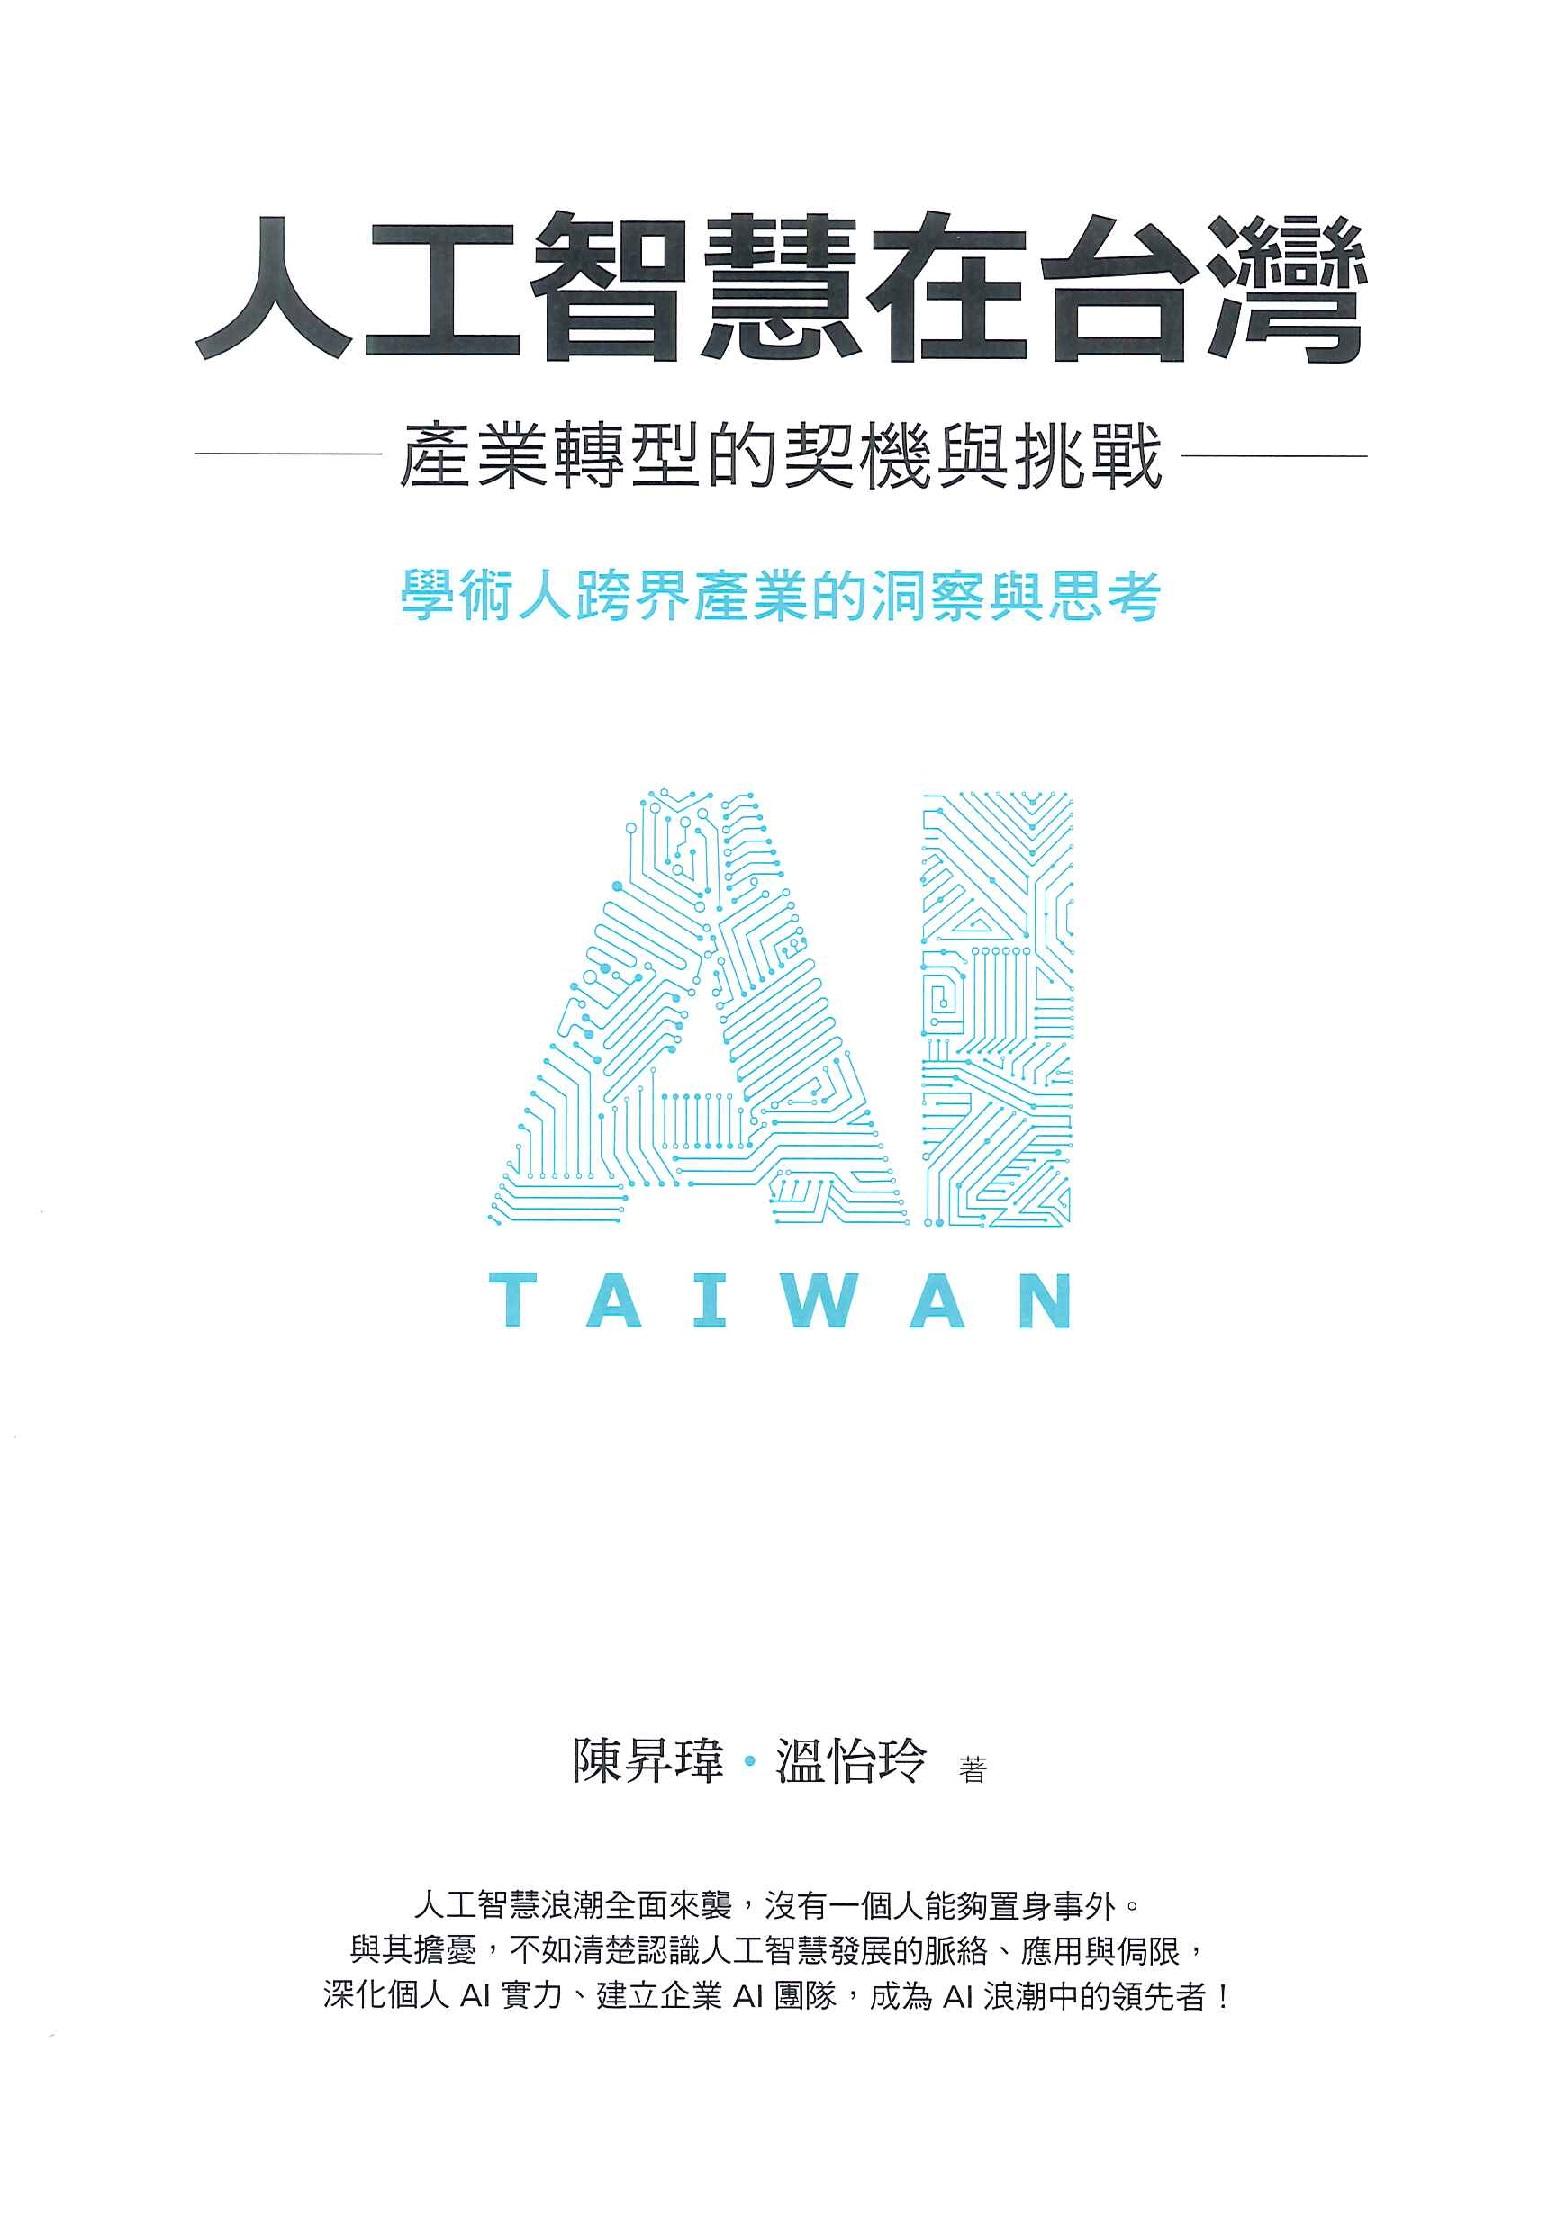 人工智慧在台灣:產業轉型的契機與挑戰=AI Taiwan